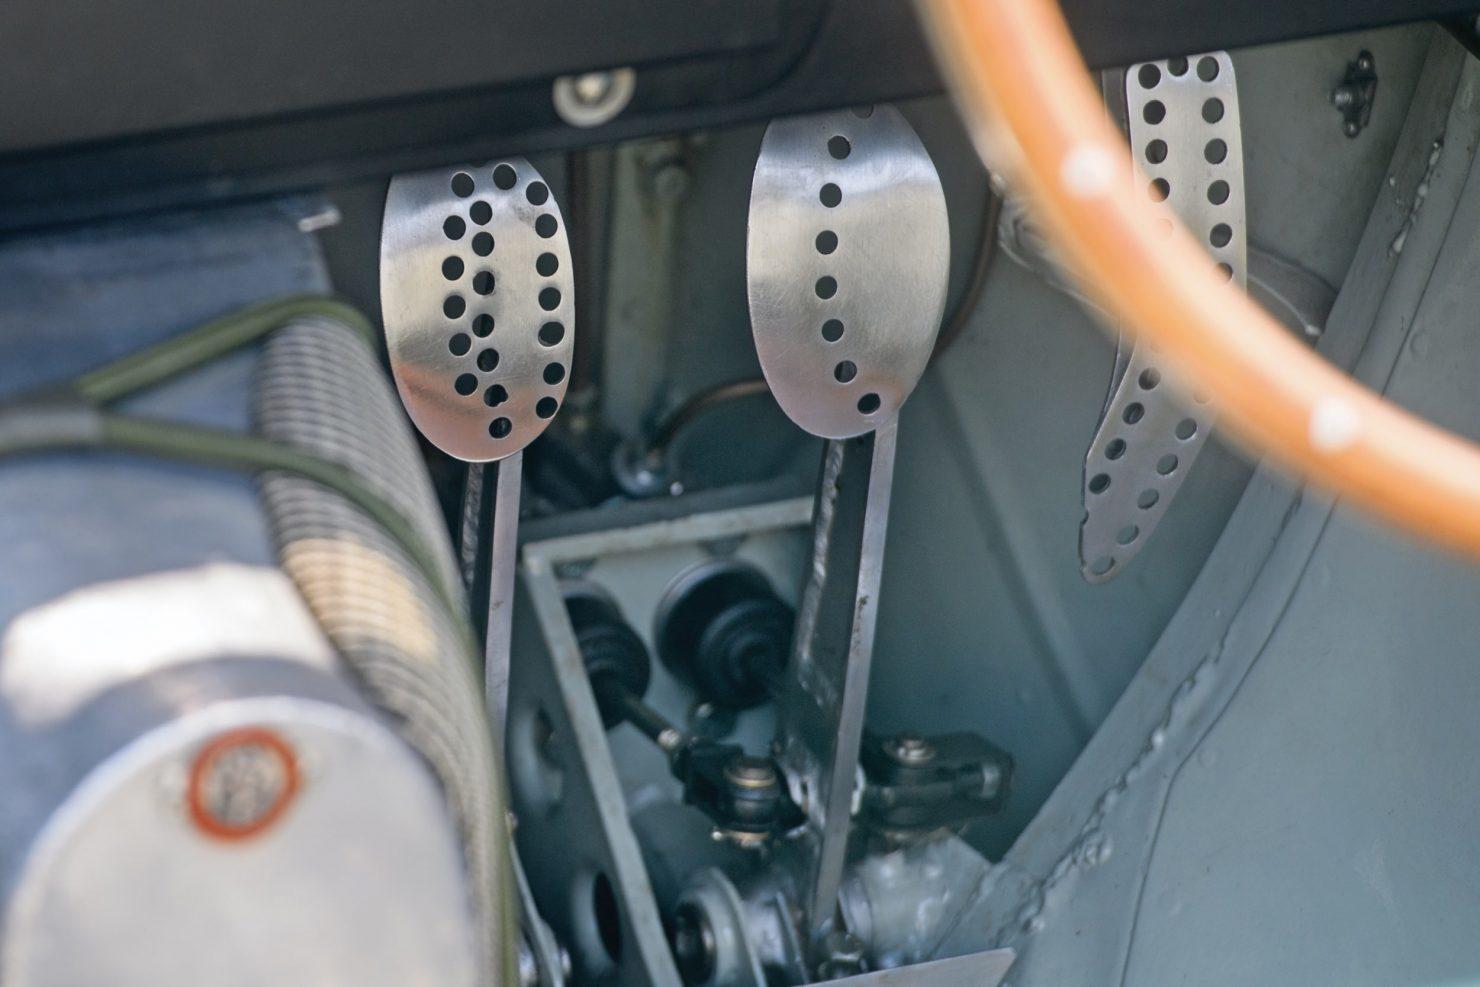 aston martin dbr1 21 1480x987 - 1956 Aston Martin DBR1